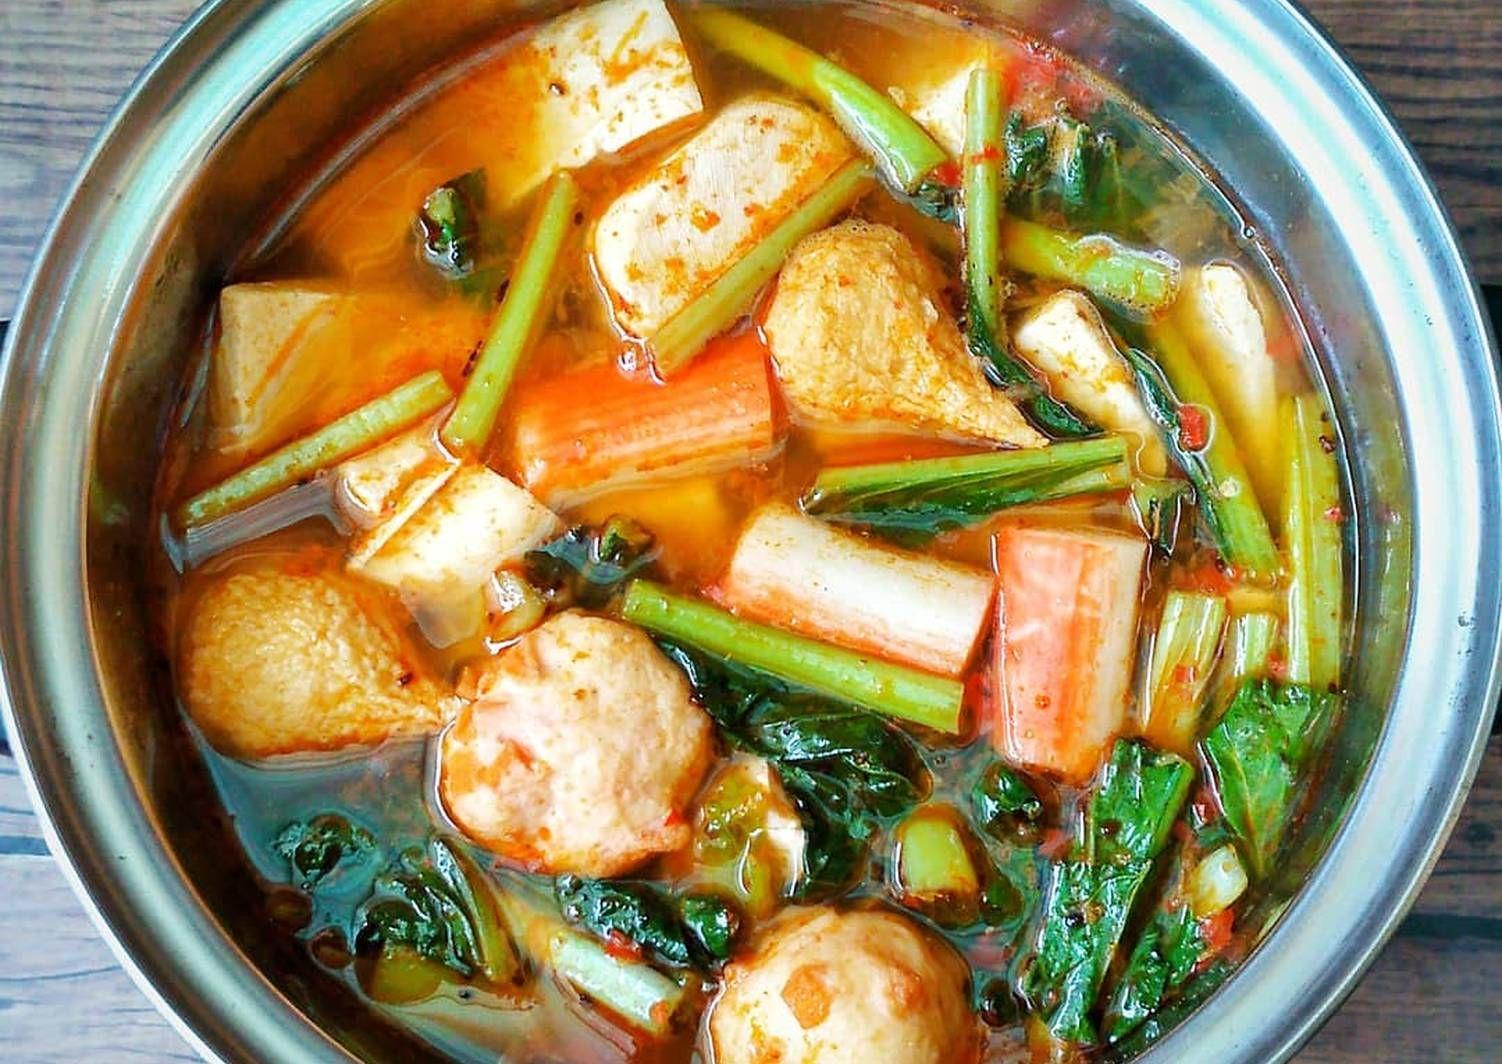 Resep Tom Yam Soup Oleh Susan Mellyani Resep Resep Makanan Cina Makanan Sehat Resep Makanan